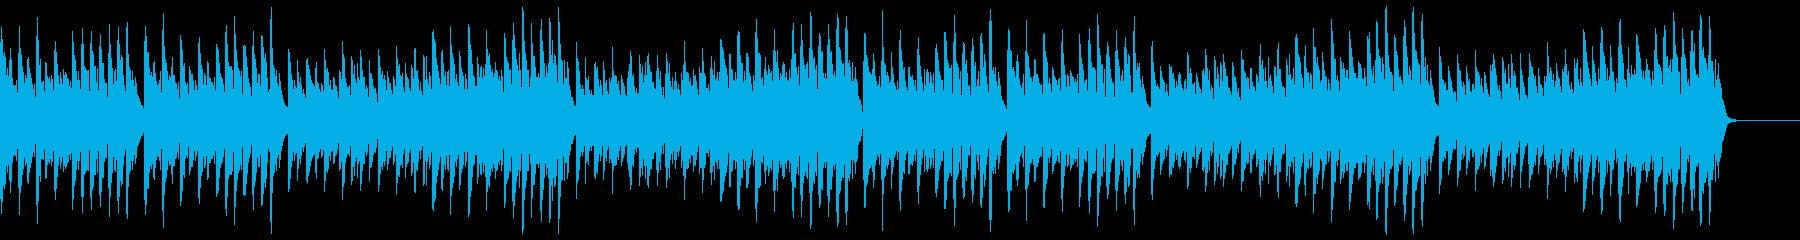 躍動的な『きらきら星』の再生済みの波形